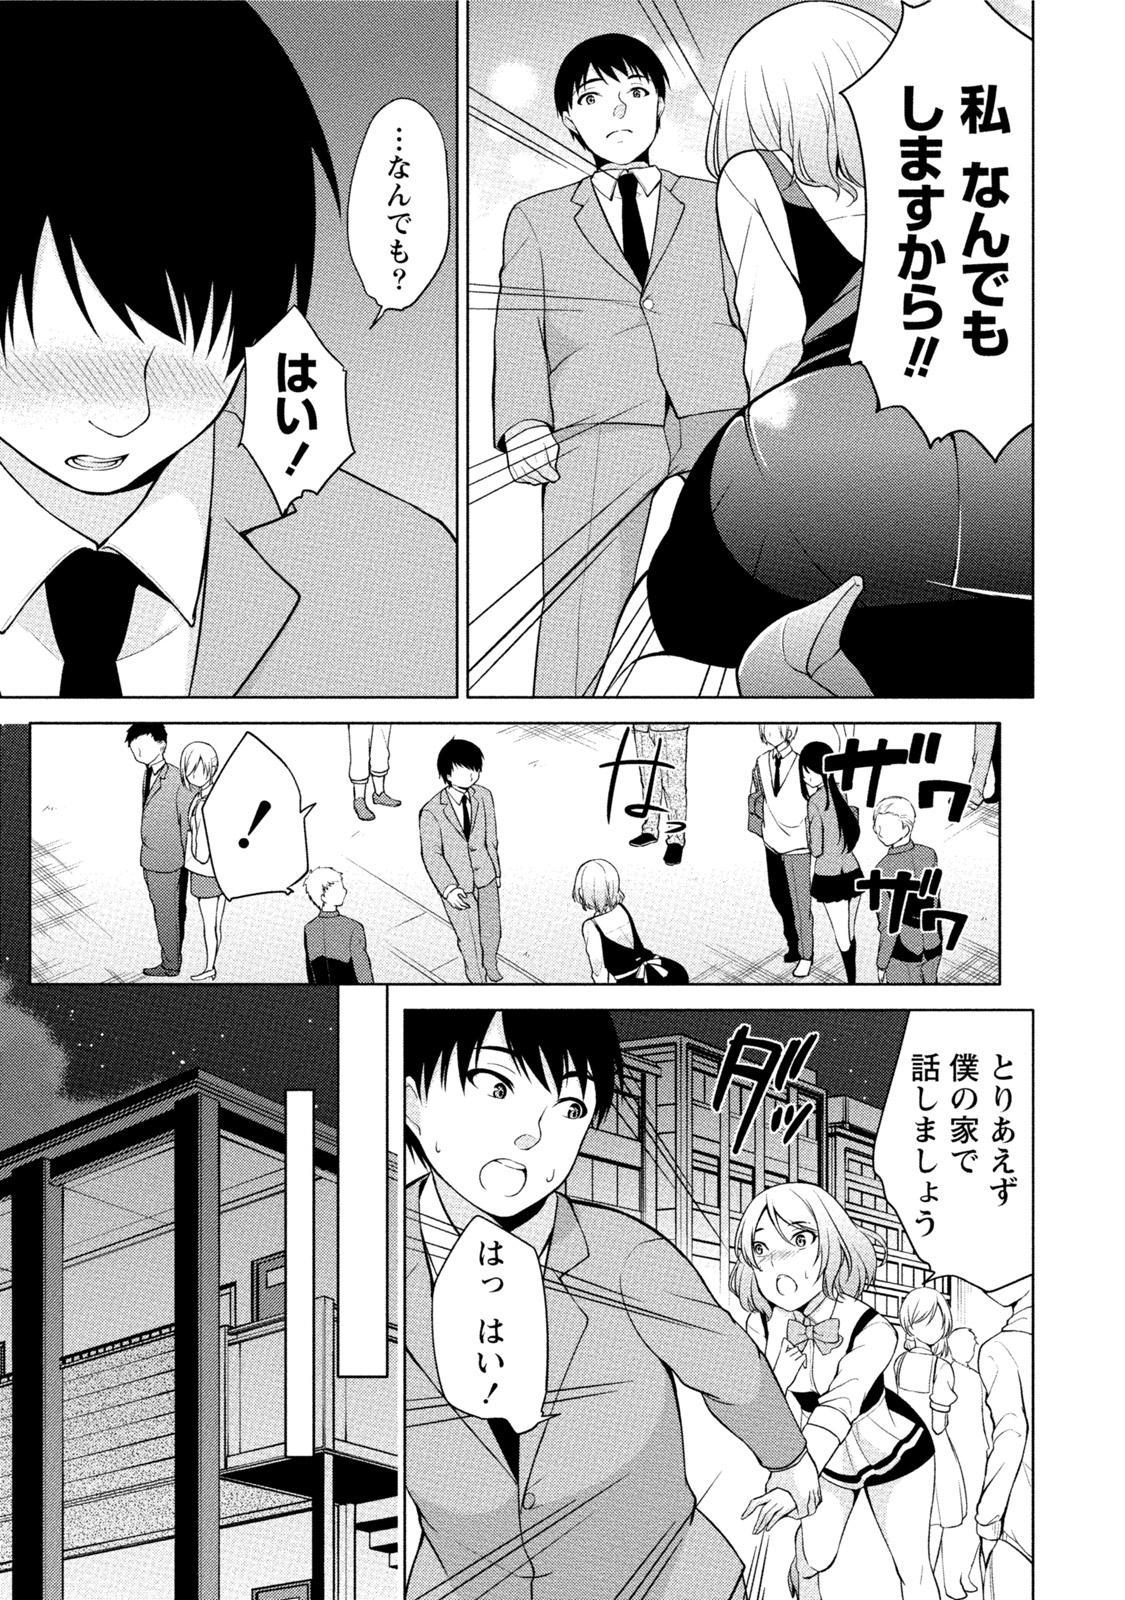 Ecchi na Watashi ja Dame desu ka? 147